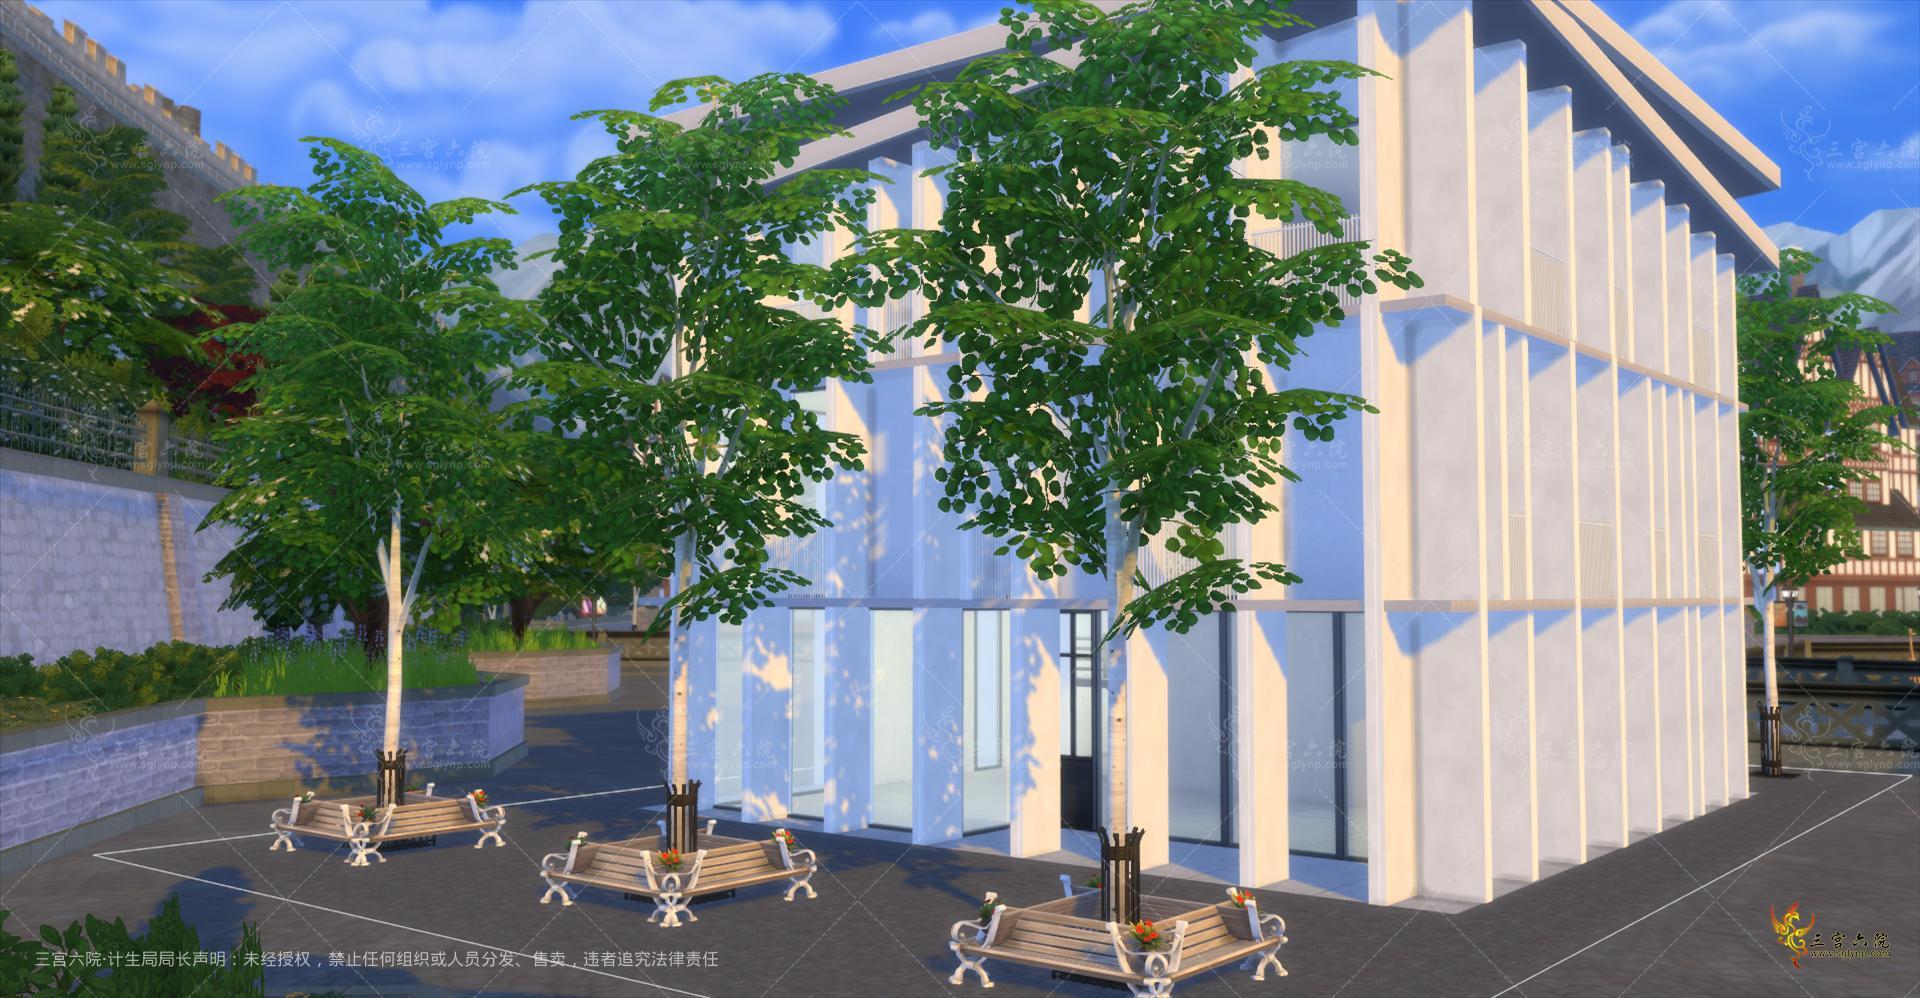 Sims 4 Screenshot 2021.09.19 - 16.04.21.78.png